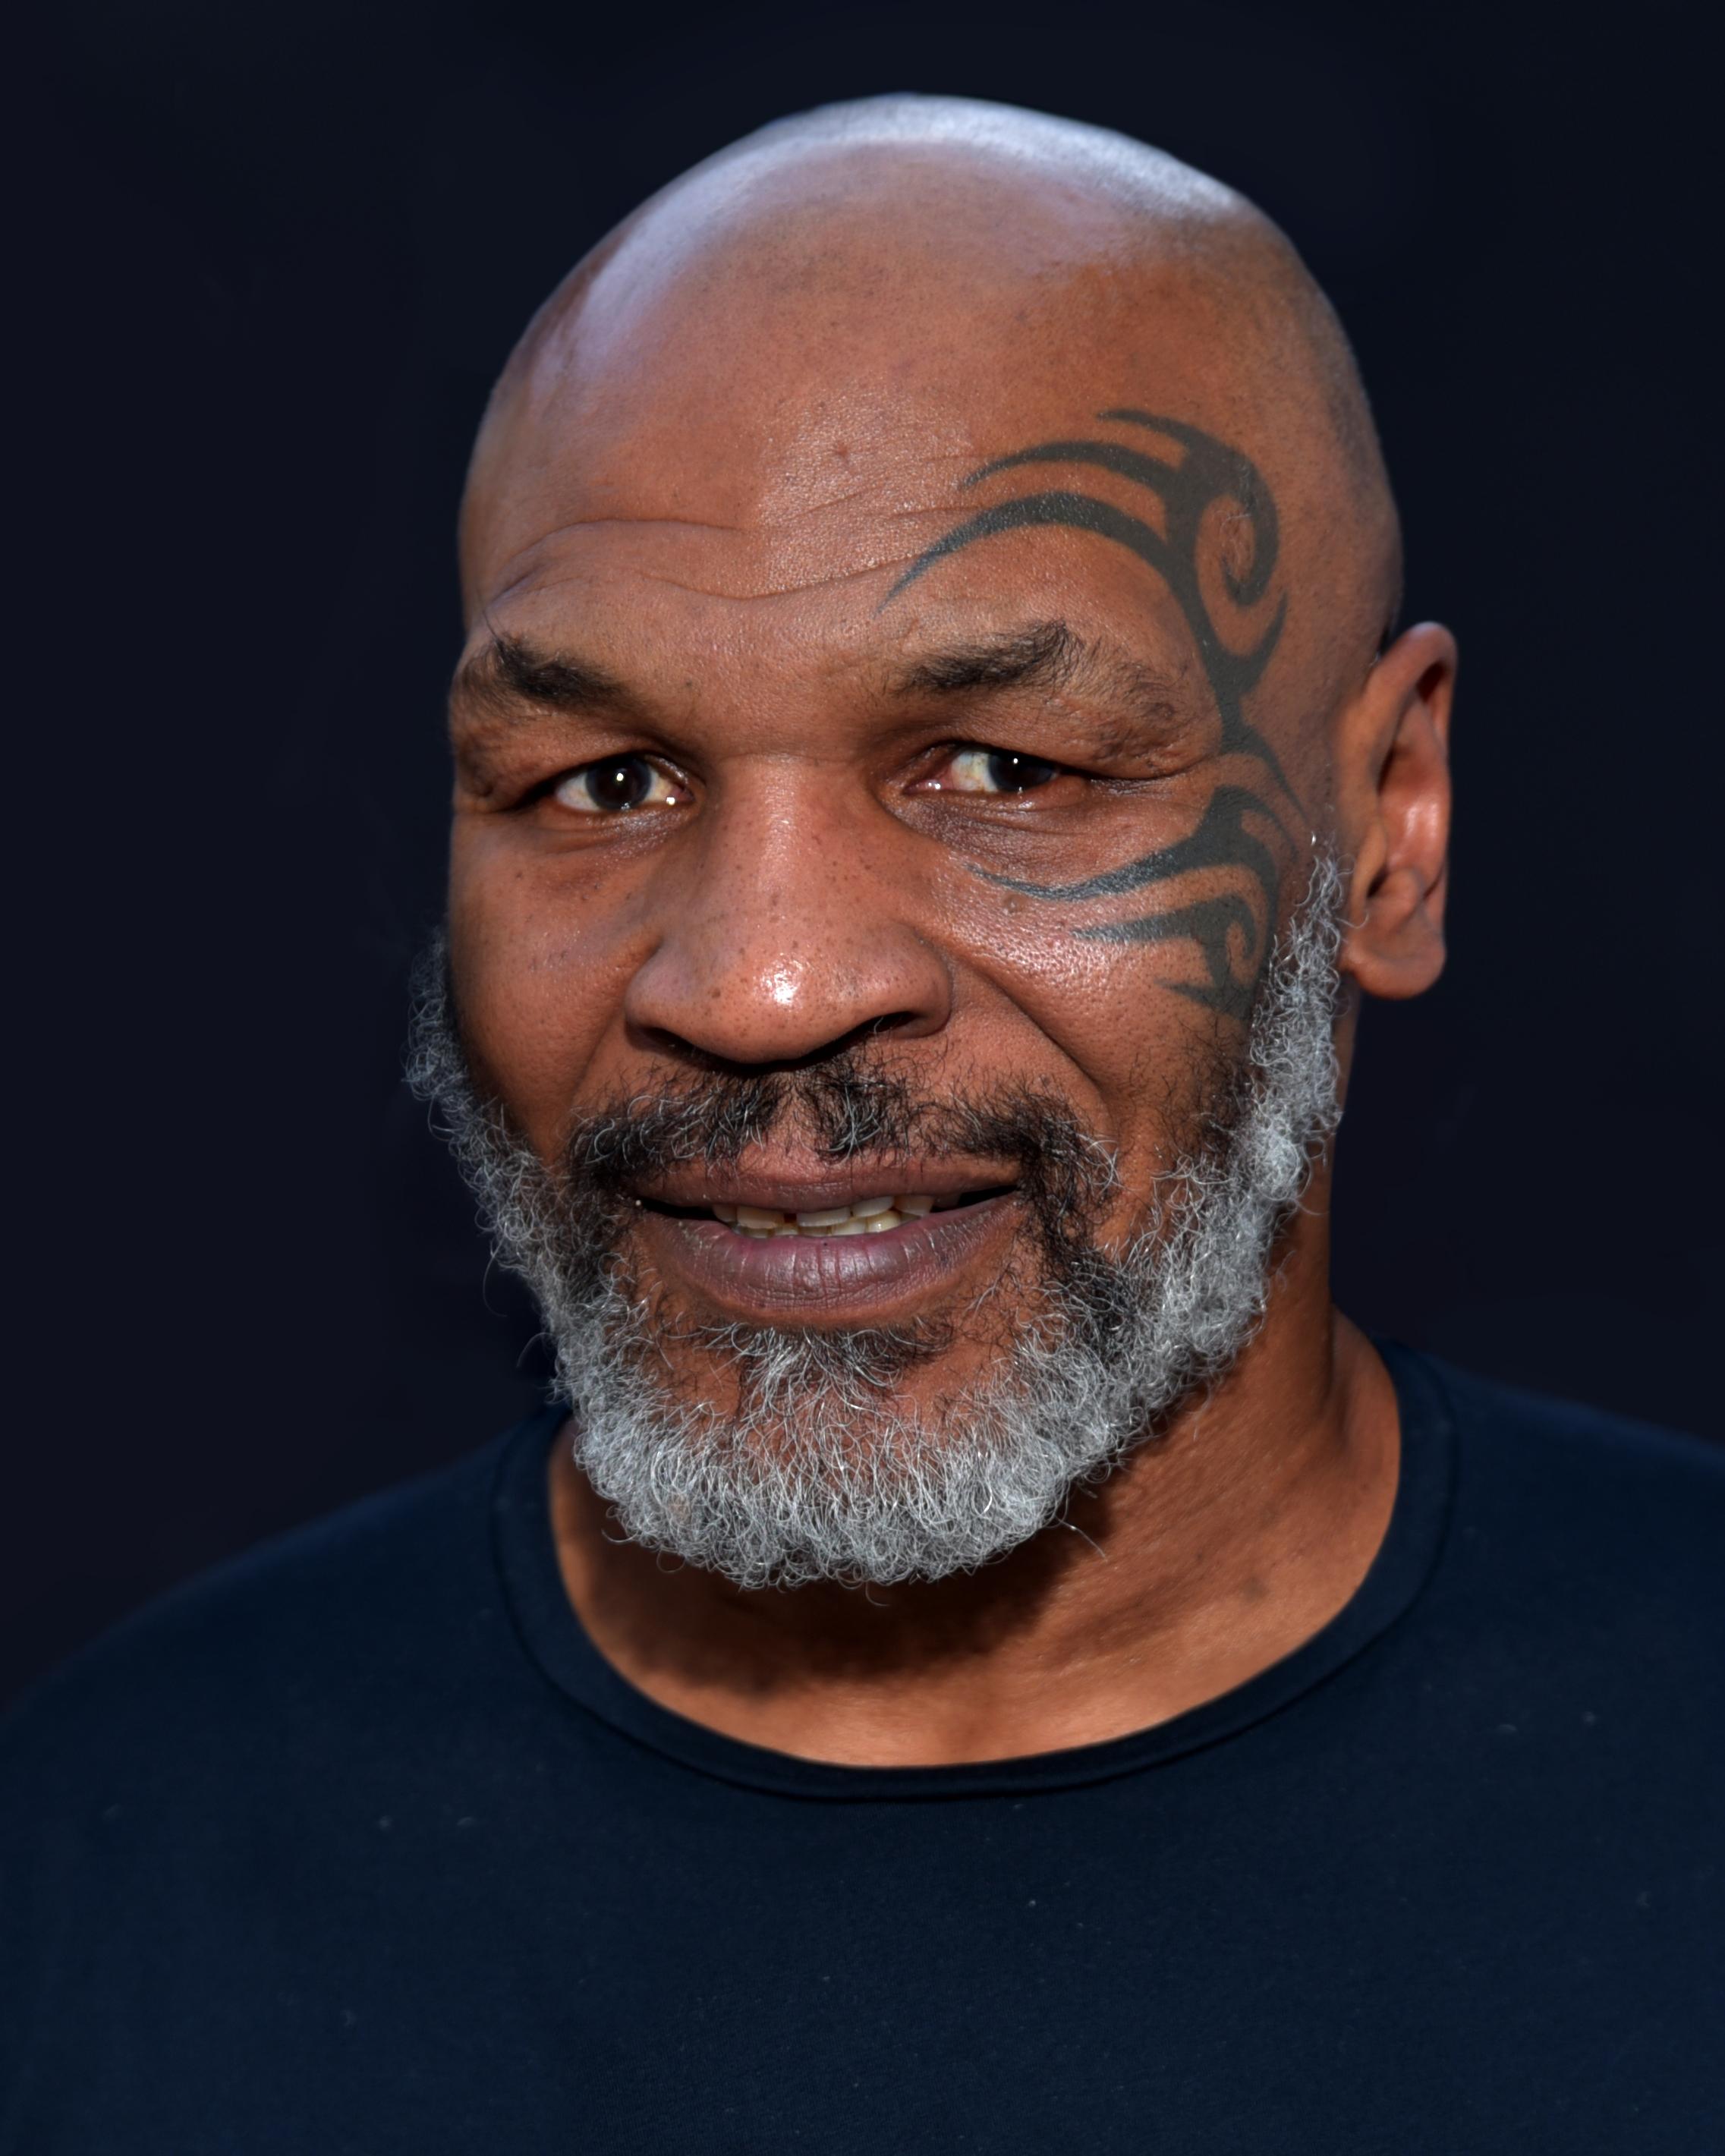 Veja o que saiu no Migalhas sobre Mike Tyson